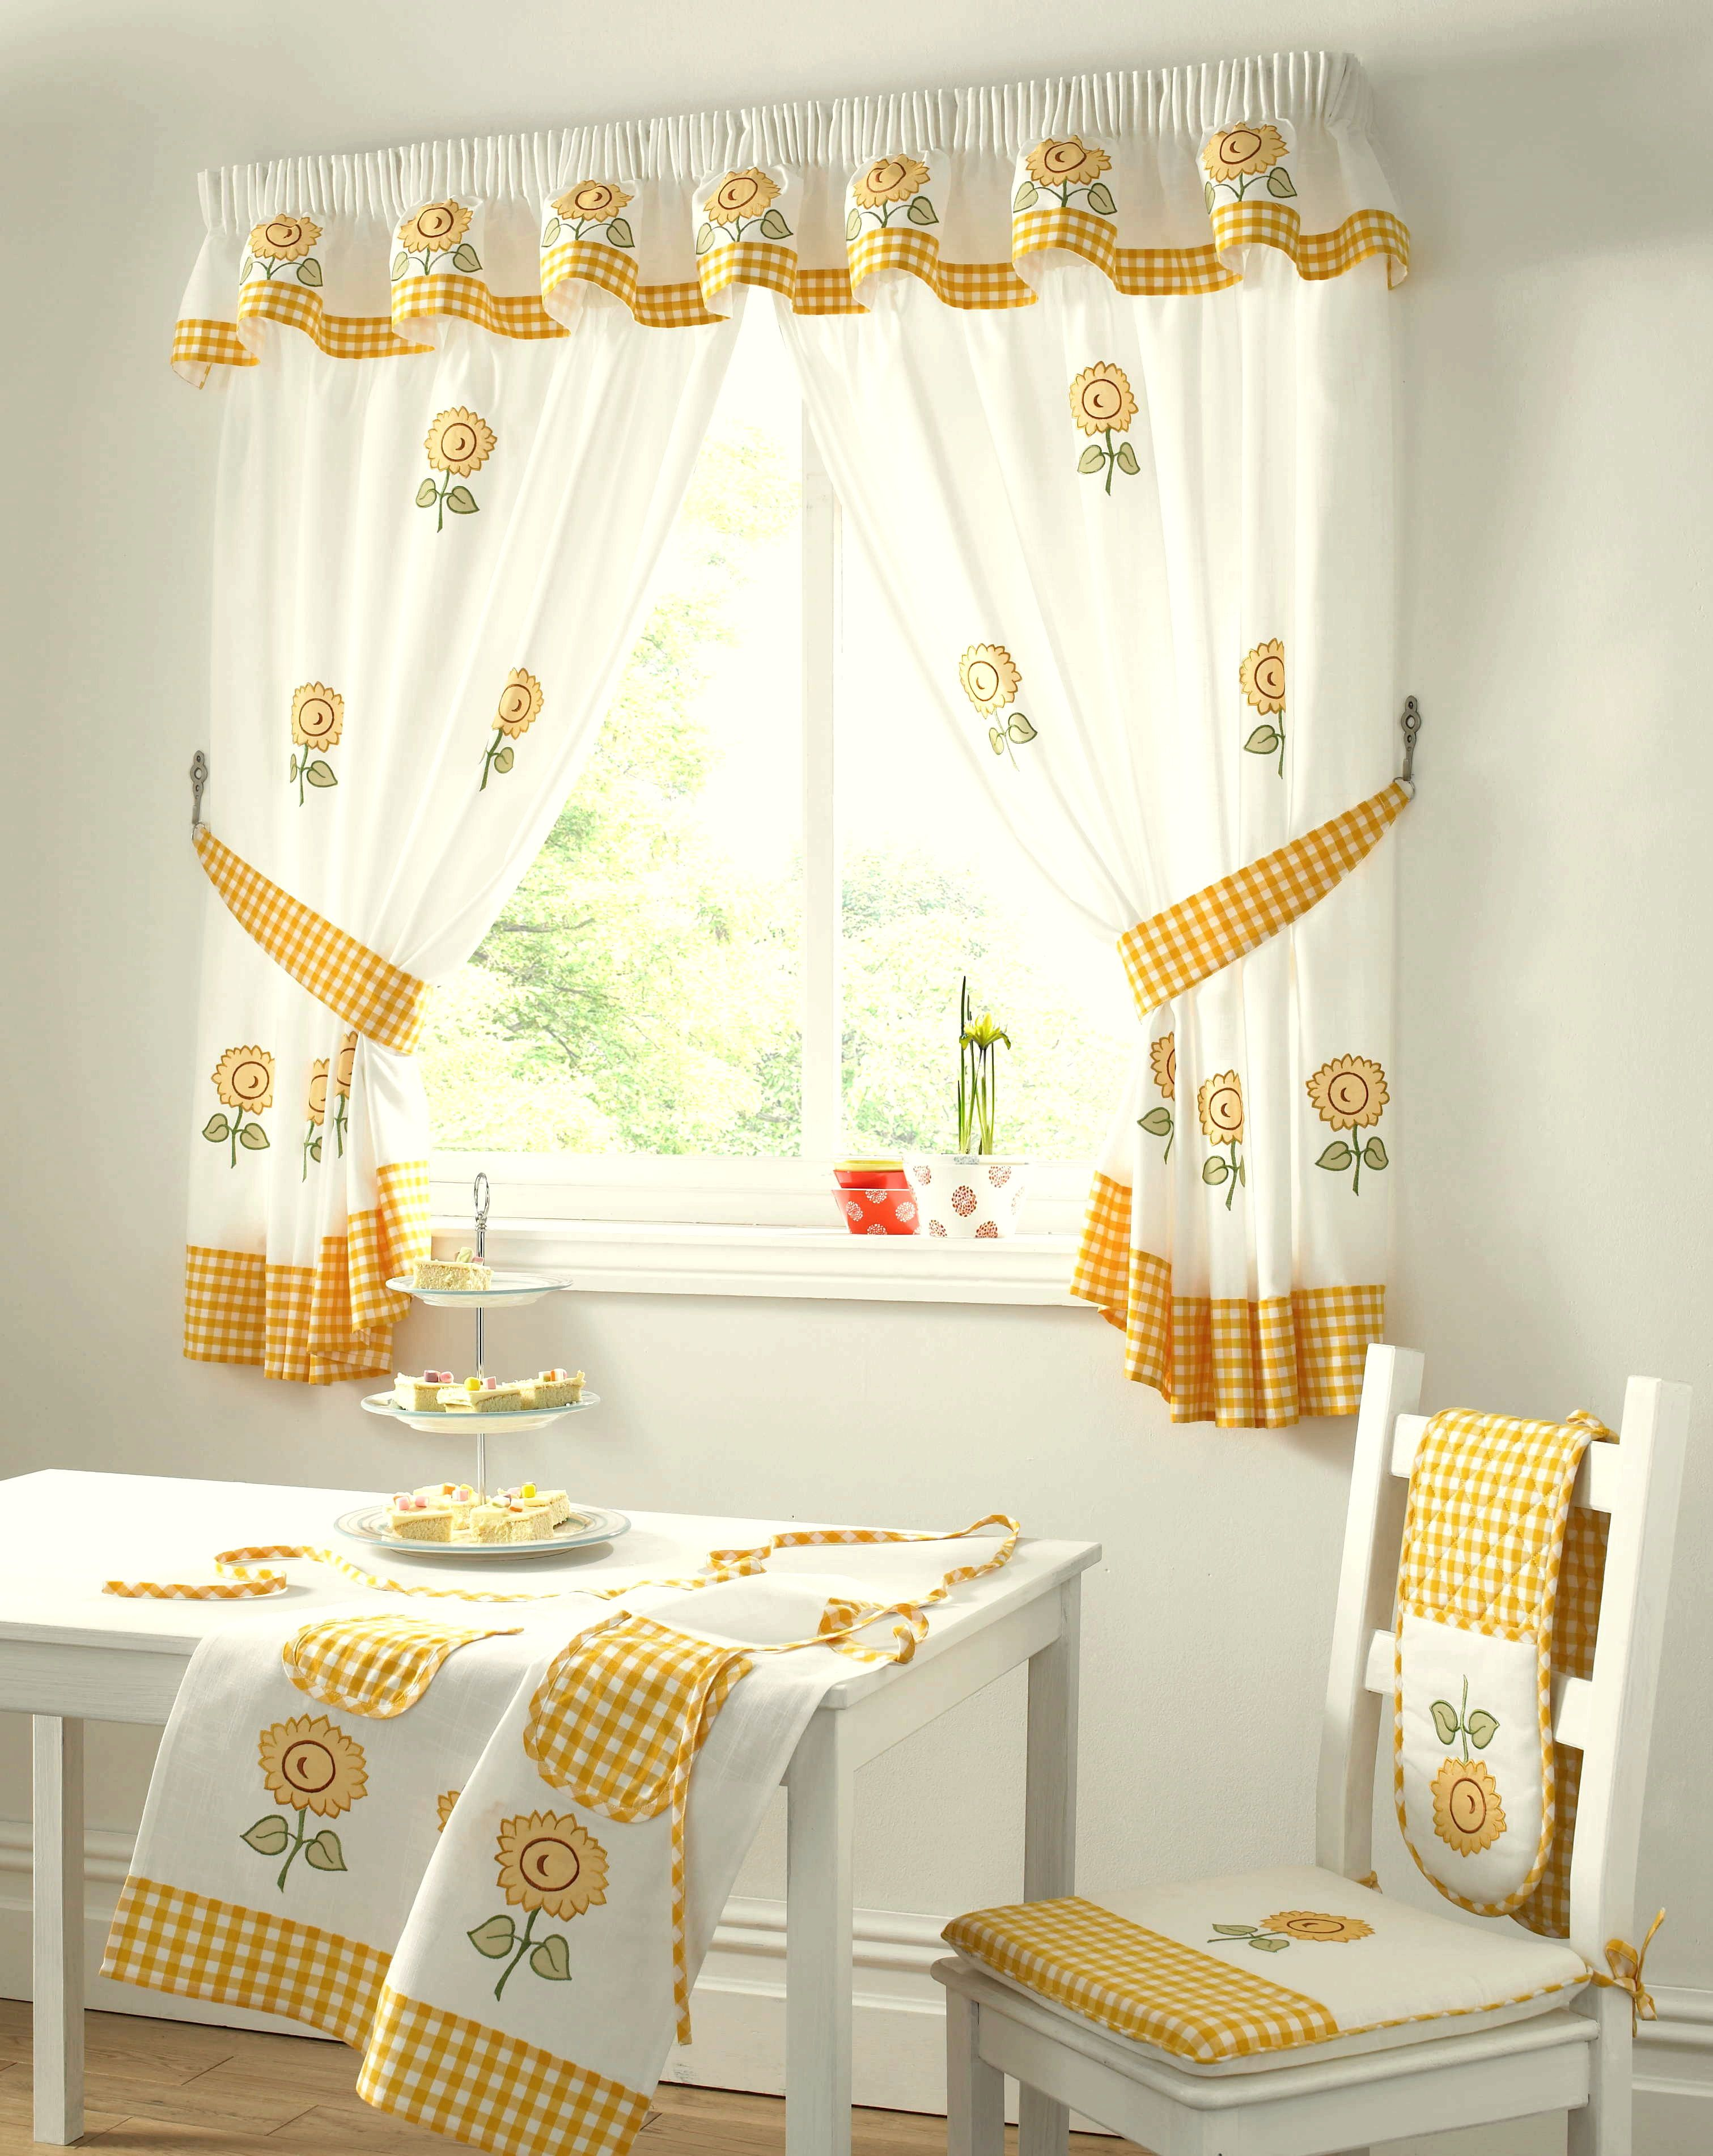 Cortinas de cocina cortinas pinterest cortinas de for Cortinas cocina